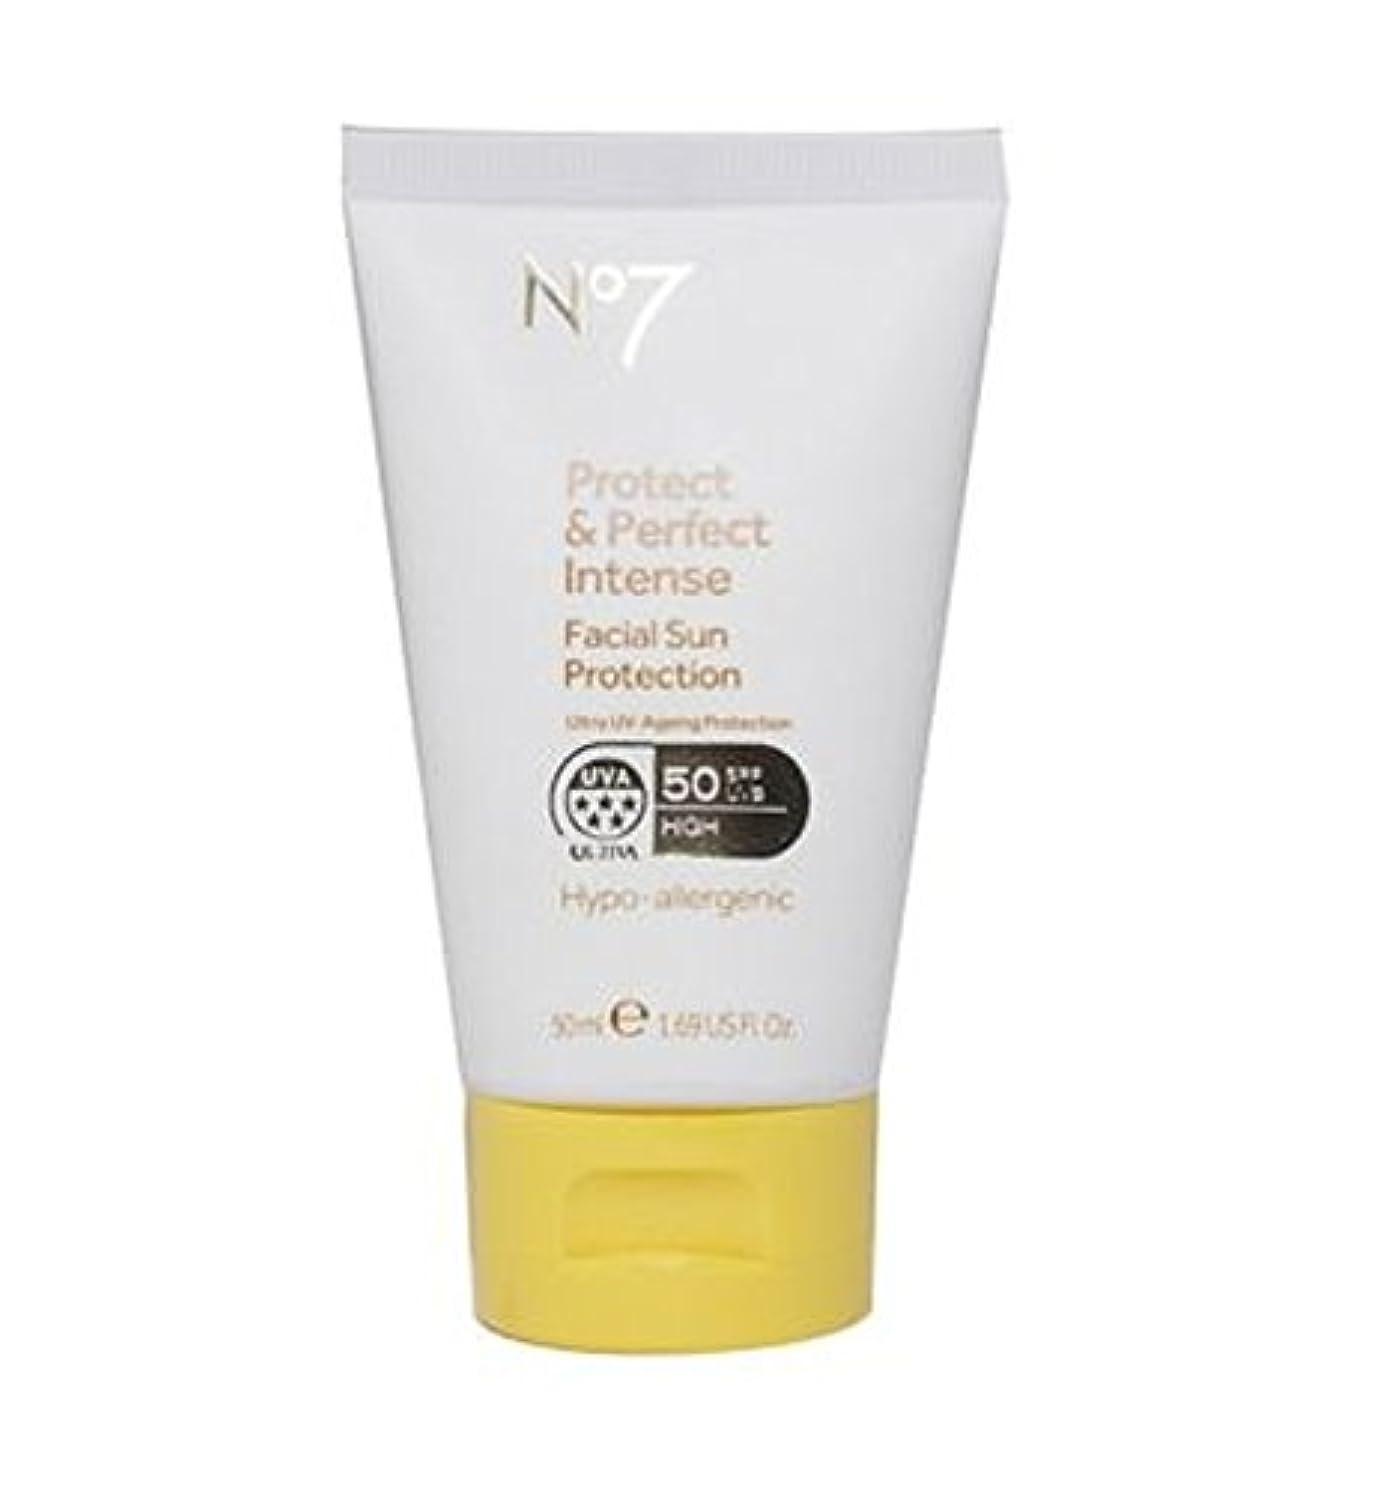 黒板地雷原バリーNo7 Protect & Perfect Intense Facial Sun Protection SPF 50 50ml - No7保護&完璧な強烈な顔の日焼け防止Spf 50 50ミリリットル (No7) [並行輸入品]